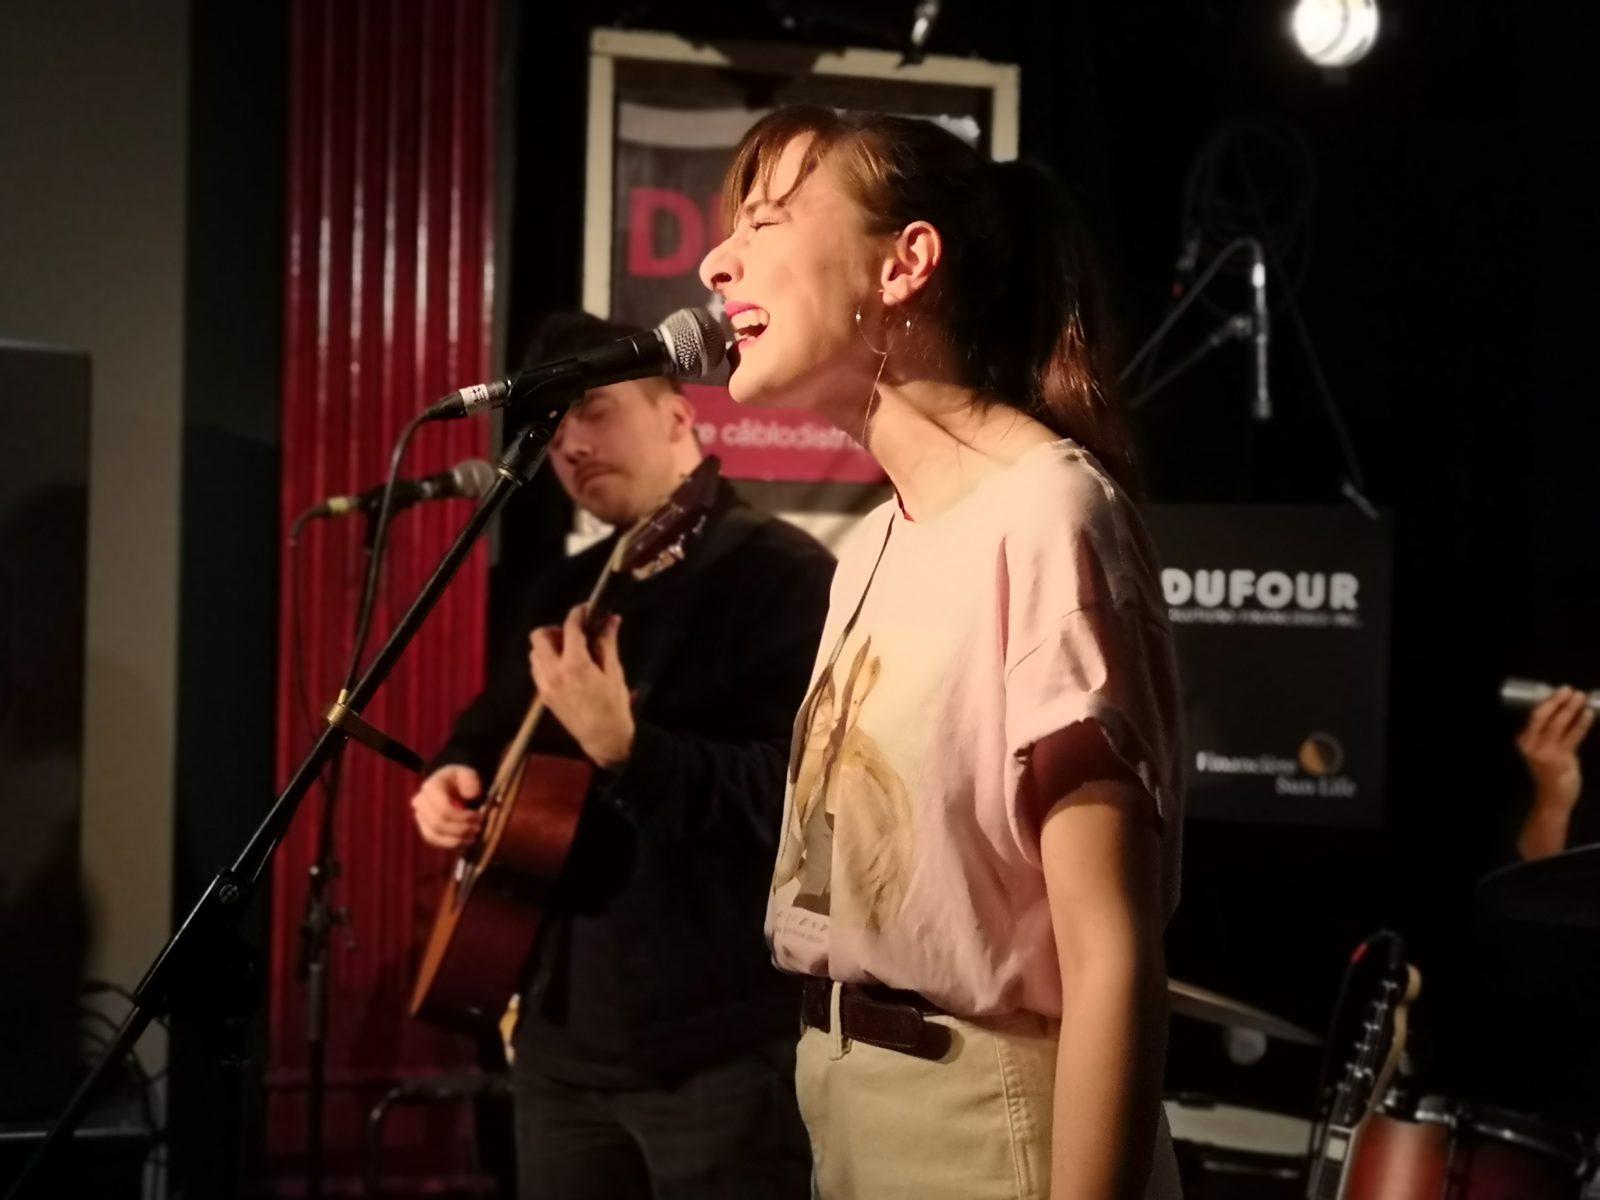 Cabaret Festif!: la première soirée couronne Ariane Roy